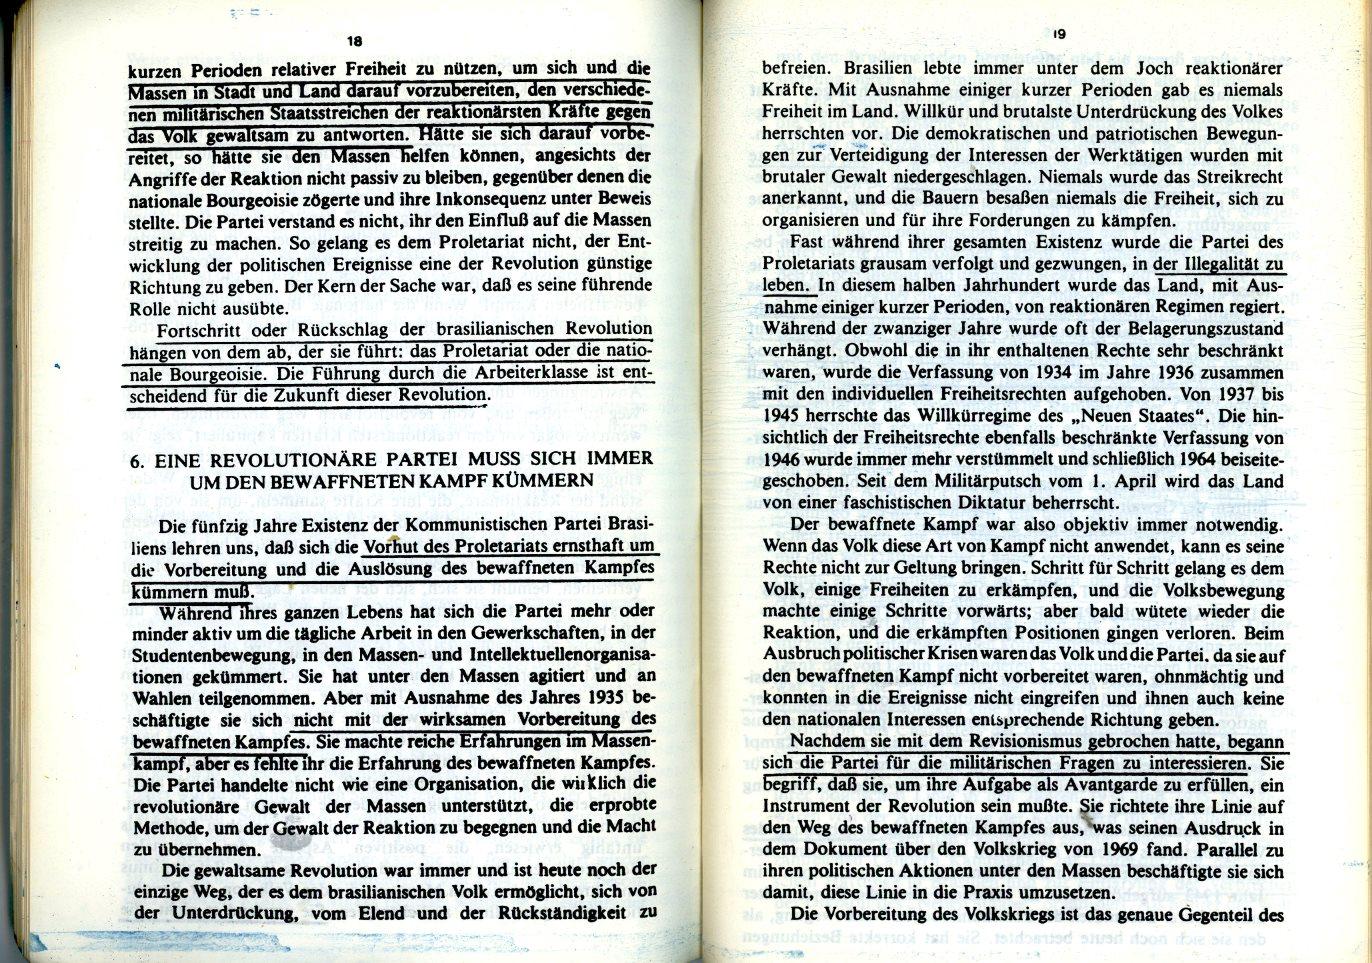 MLSK_Theorie_und_Praxis_des_ML_1978_20_18